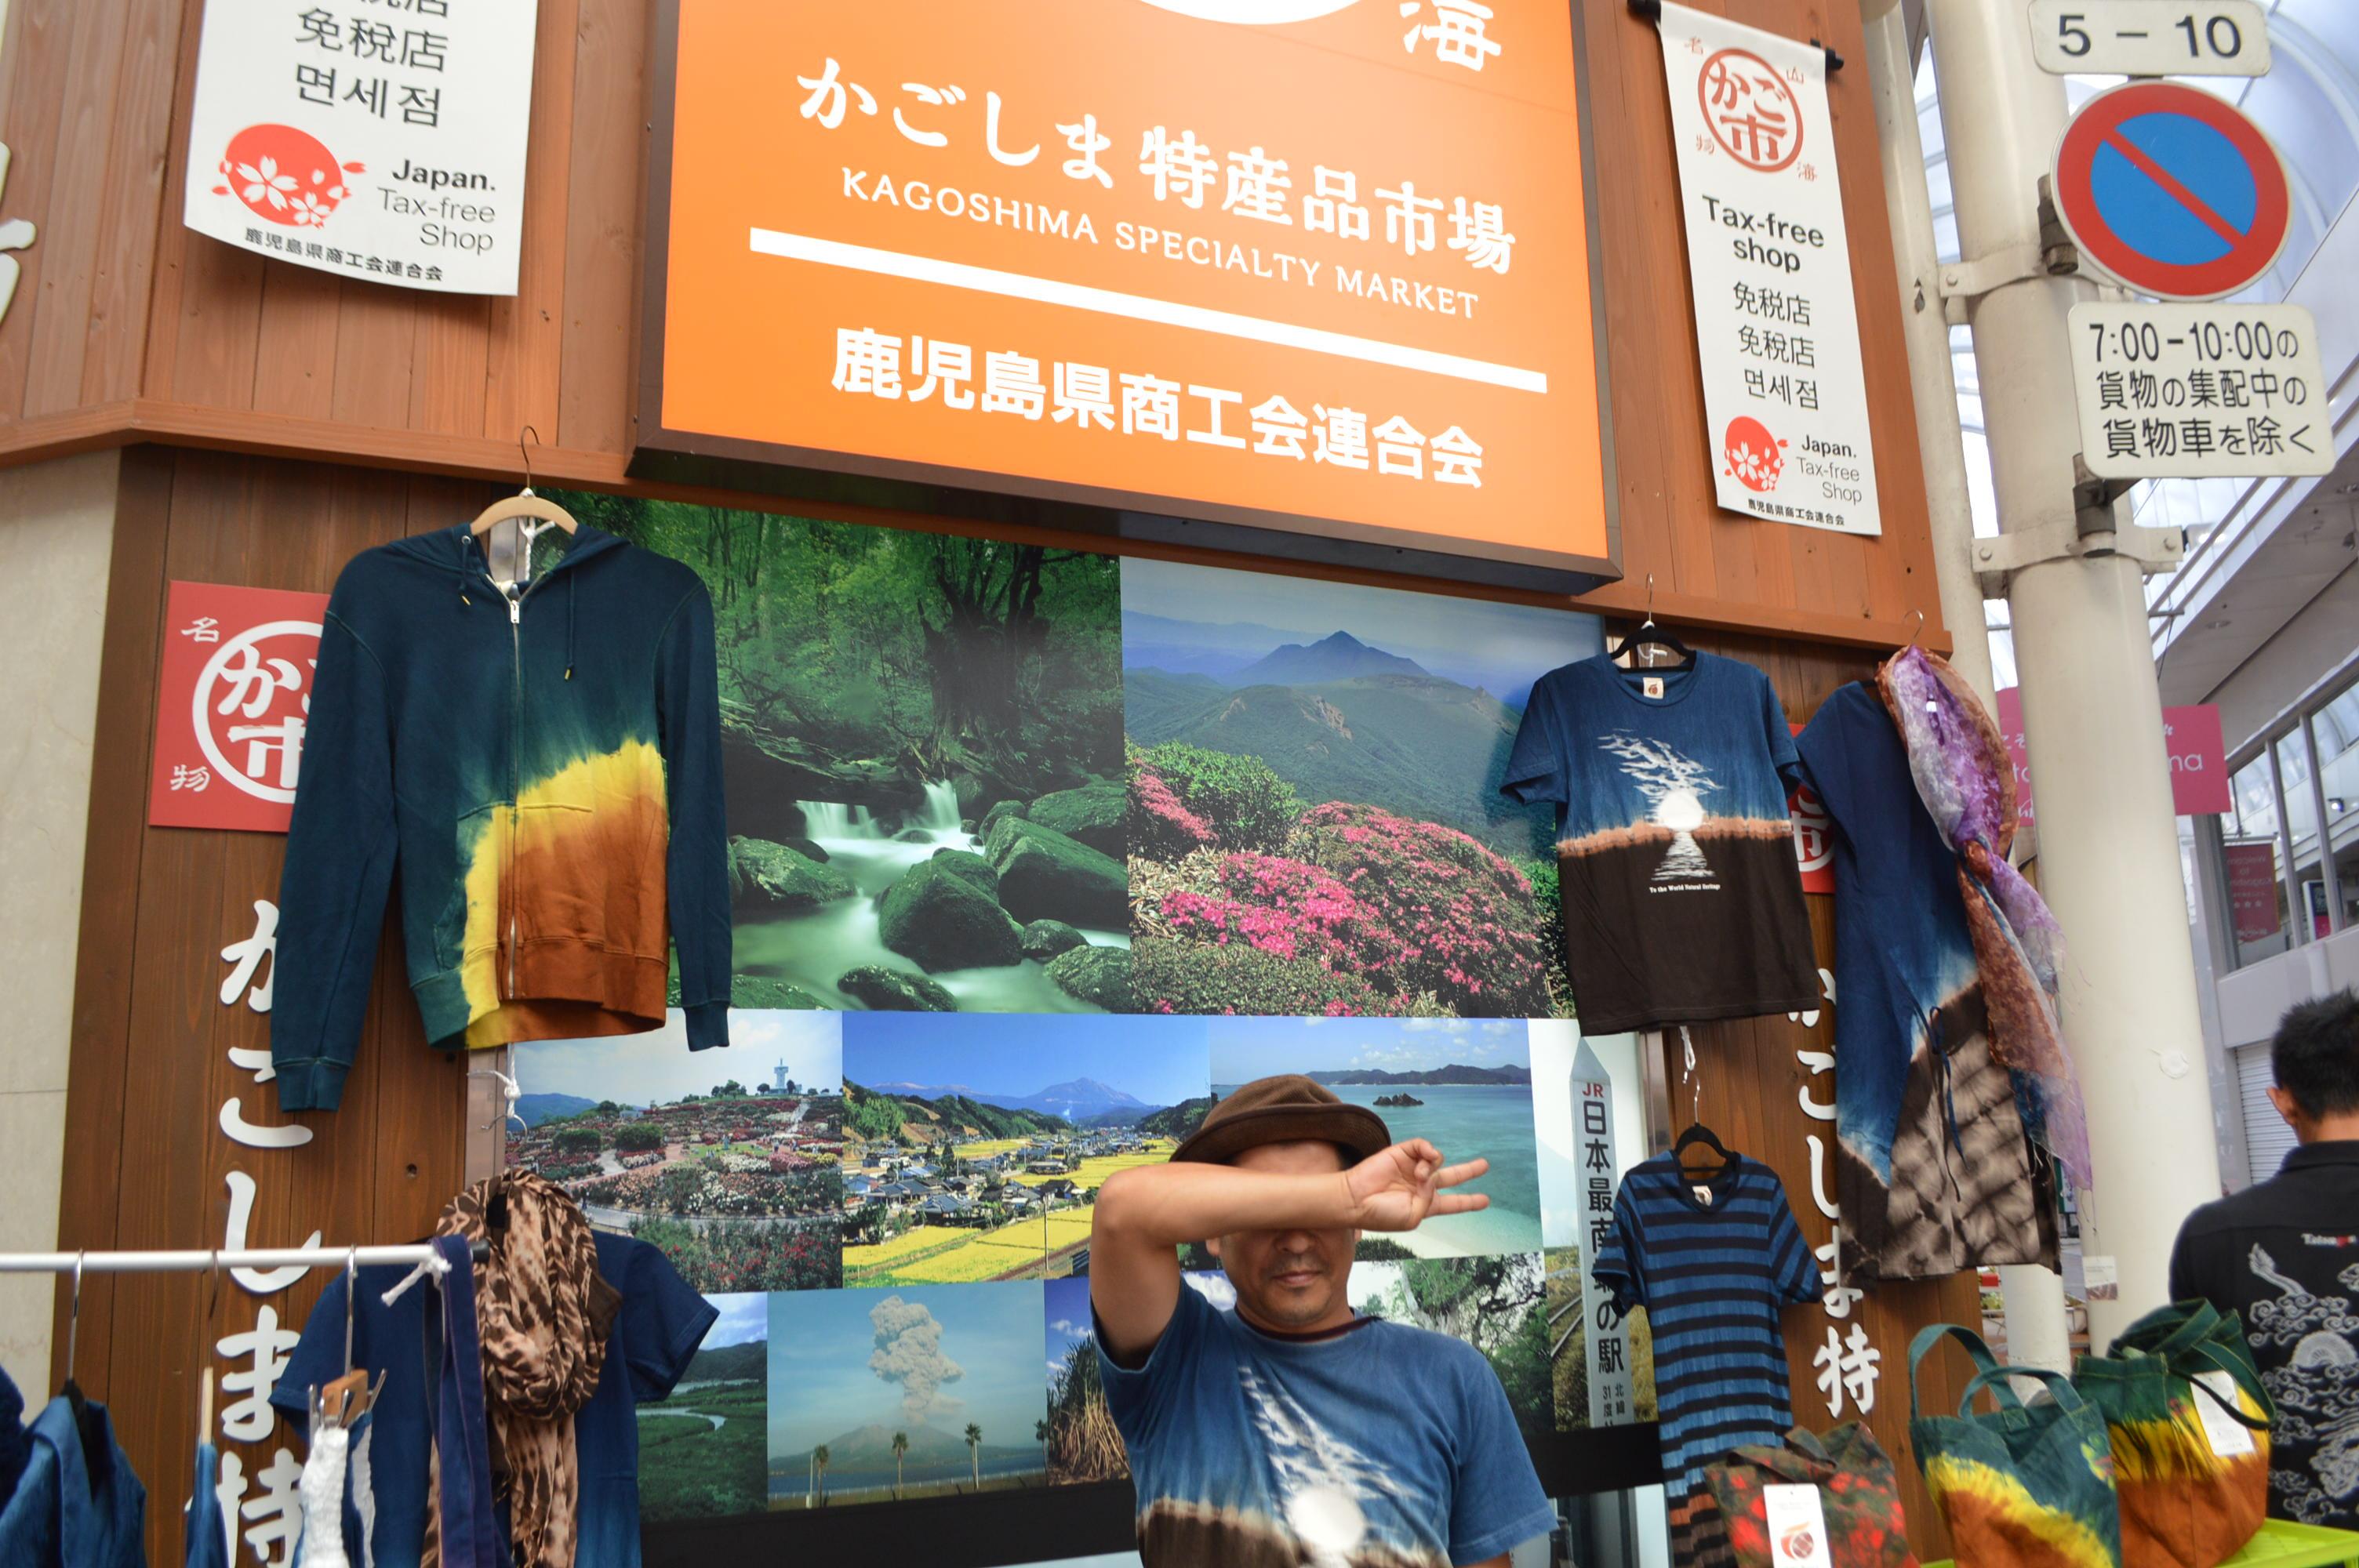 かご市で大島紬の染め技術を源流にするカッコいい染めTシャツをGETした話。